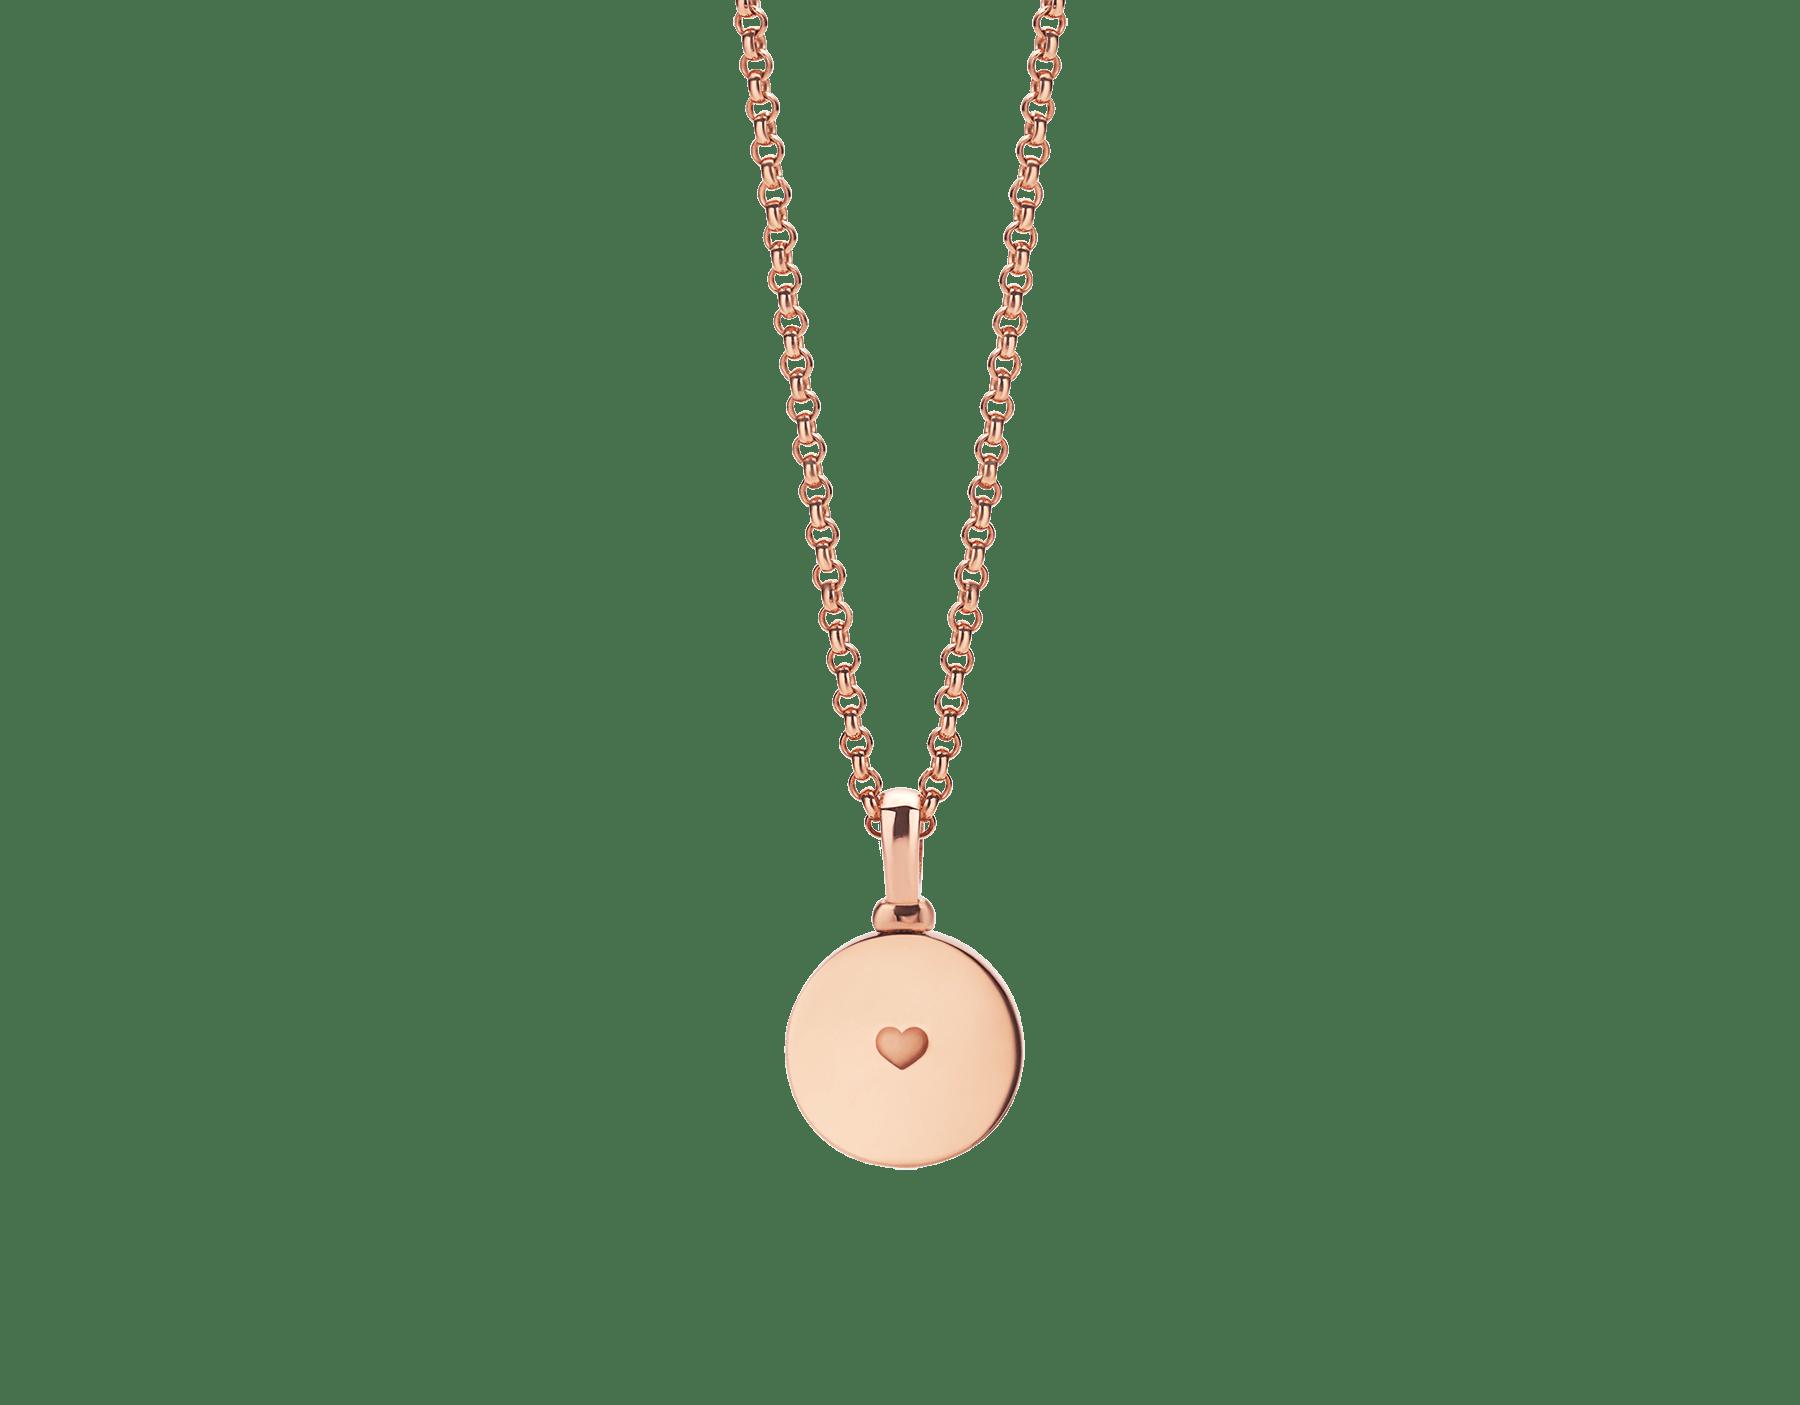 Collana con pendente BVLGARI BVLGARI in oro rosa 18 kt con inserto in madreperla, personalizzabile con incisione sul retro. 358376 image 2